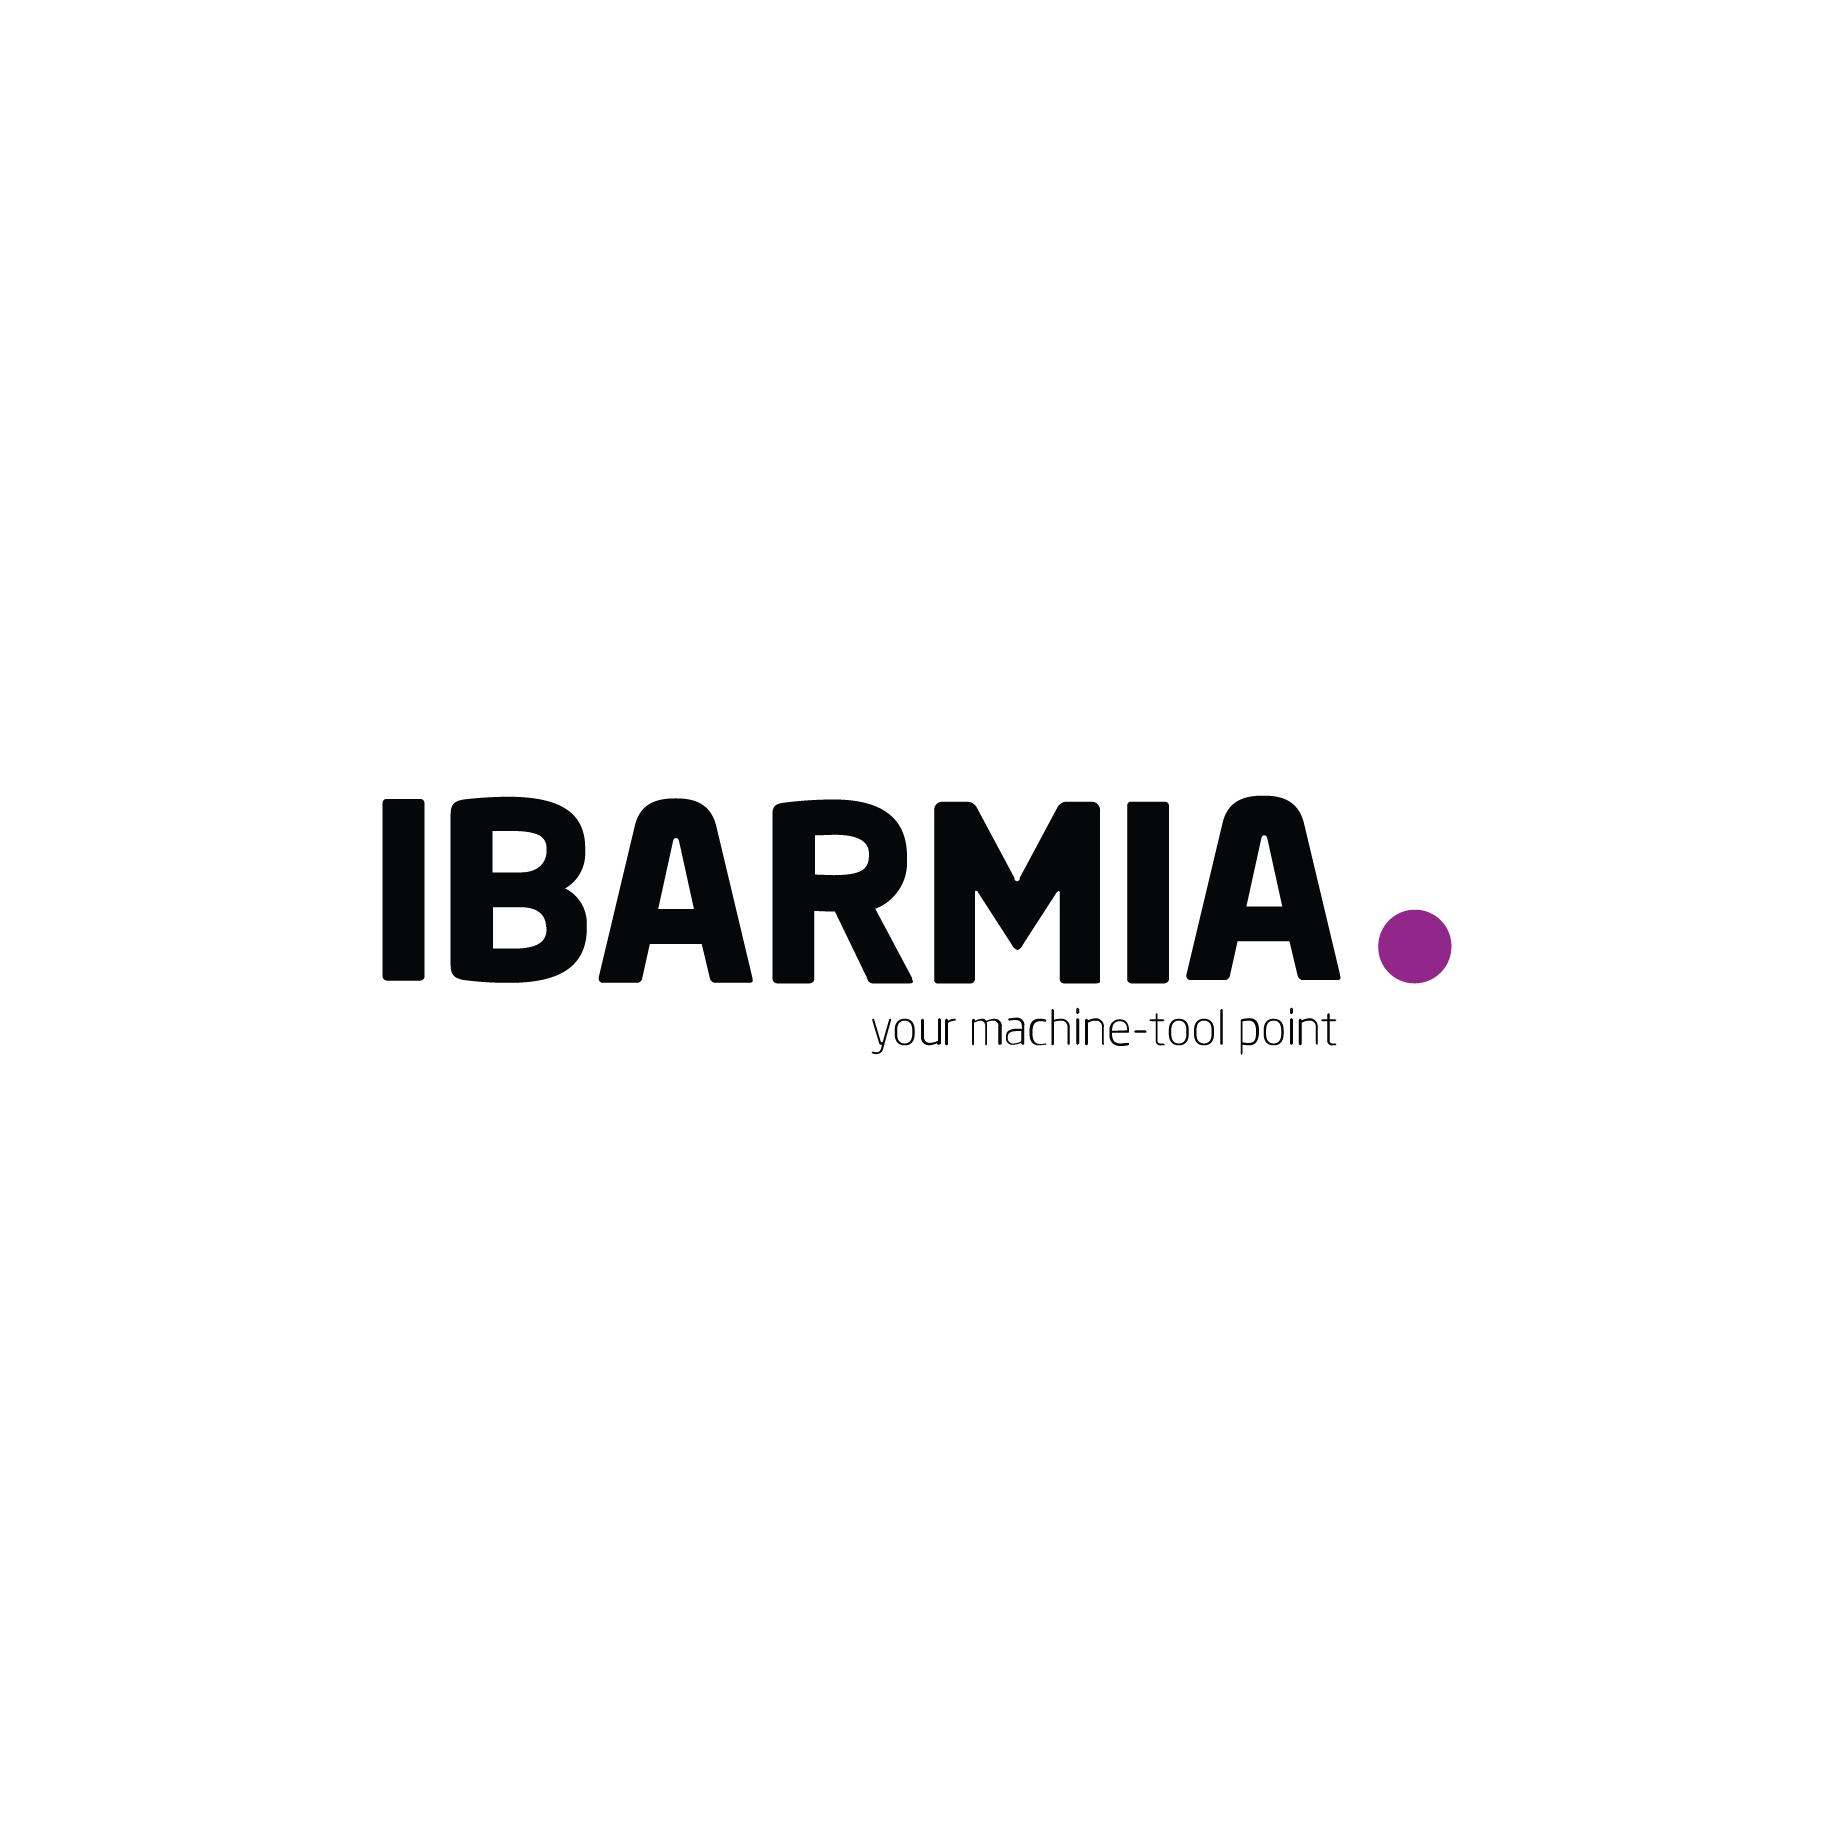 Ibarmia